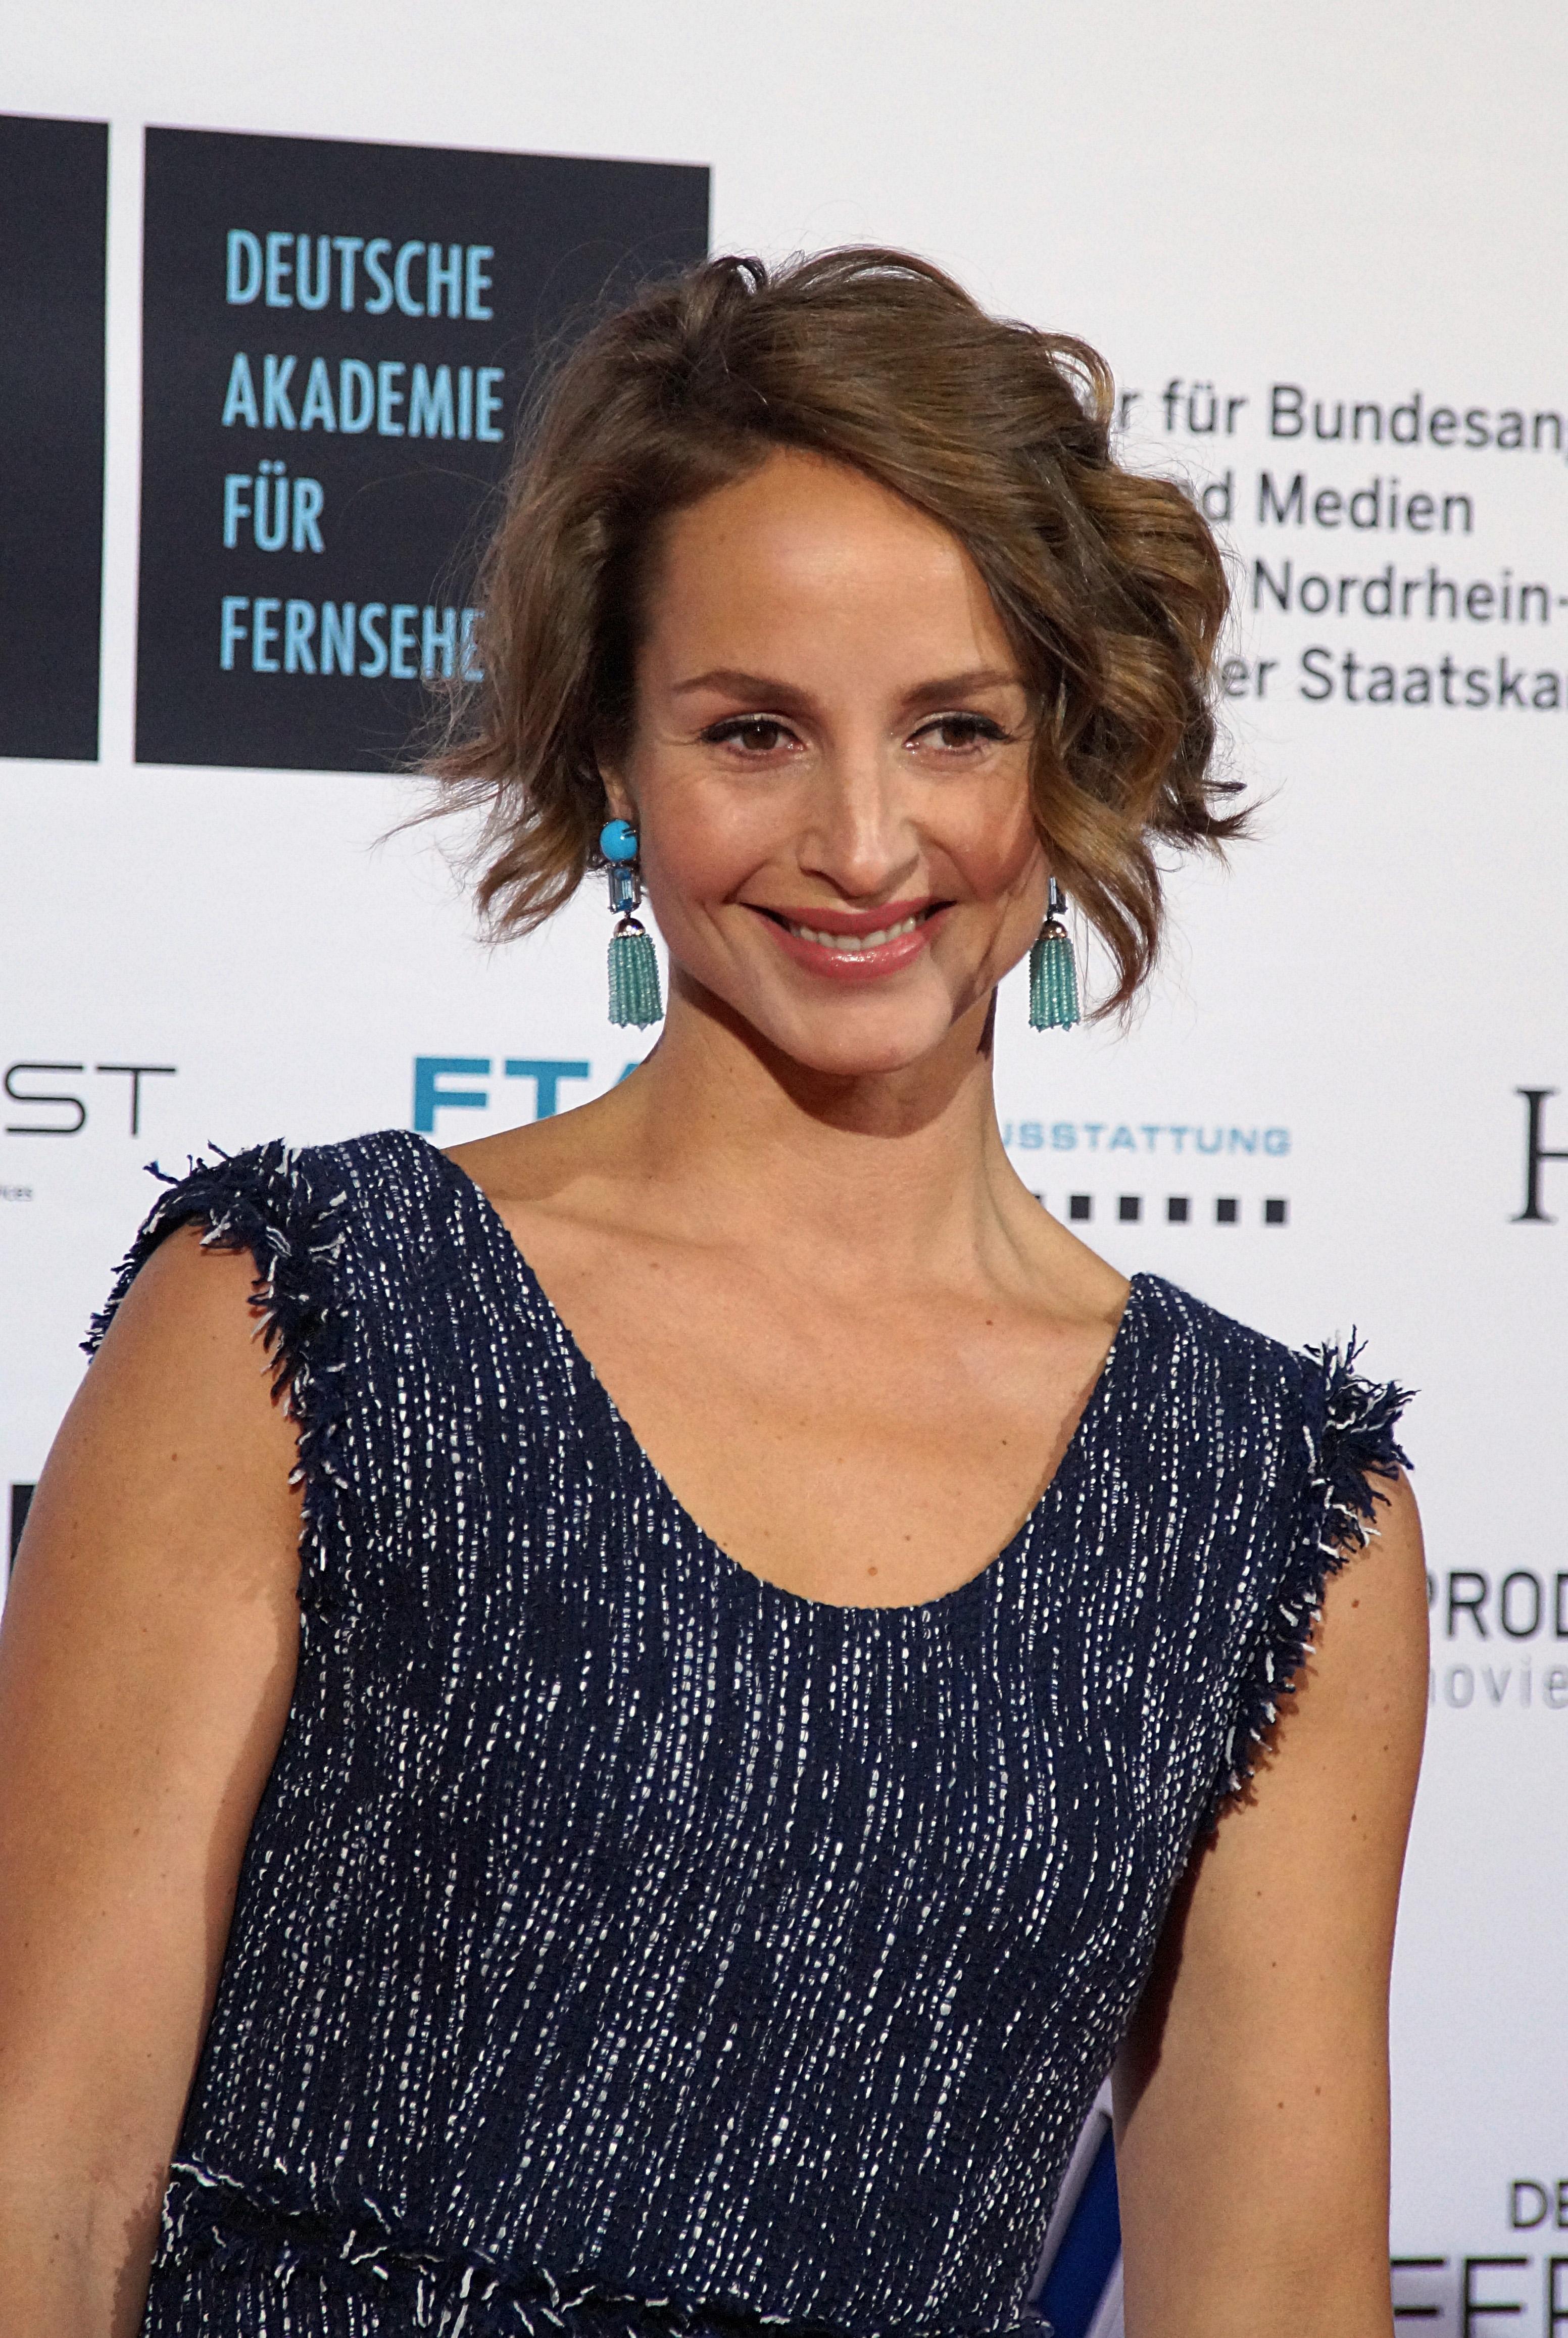 The 39-yaşında, 177 cm uzunluğunda Lara Joy Körner tarihli 2018 photo